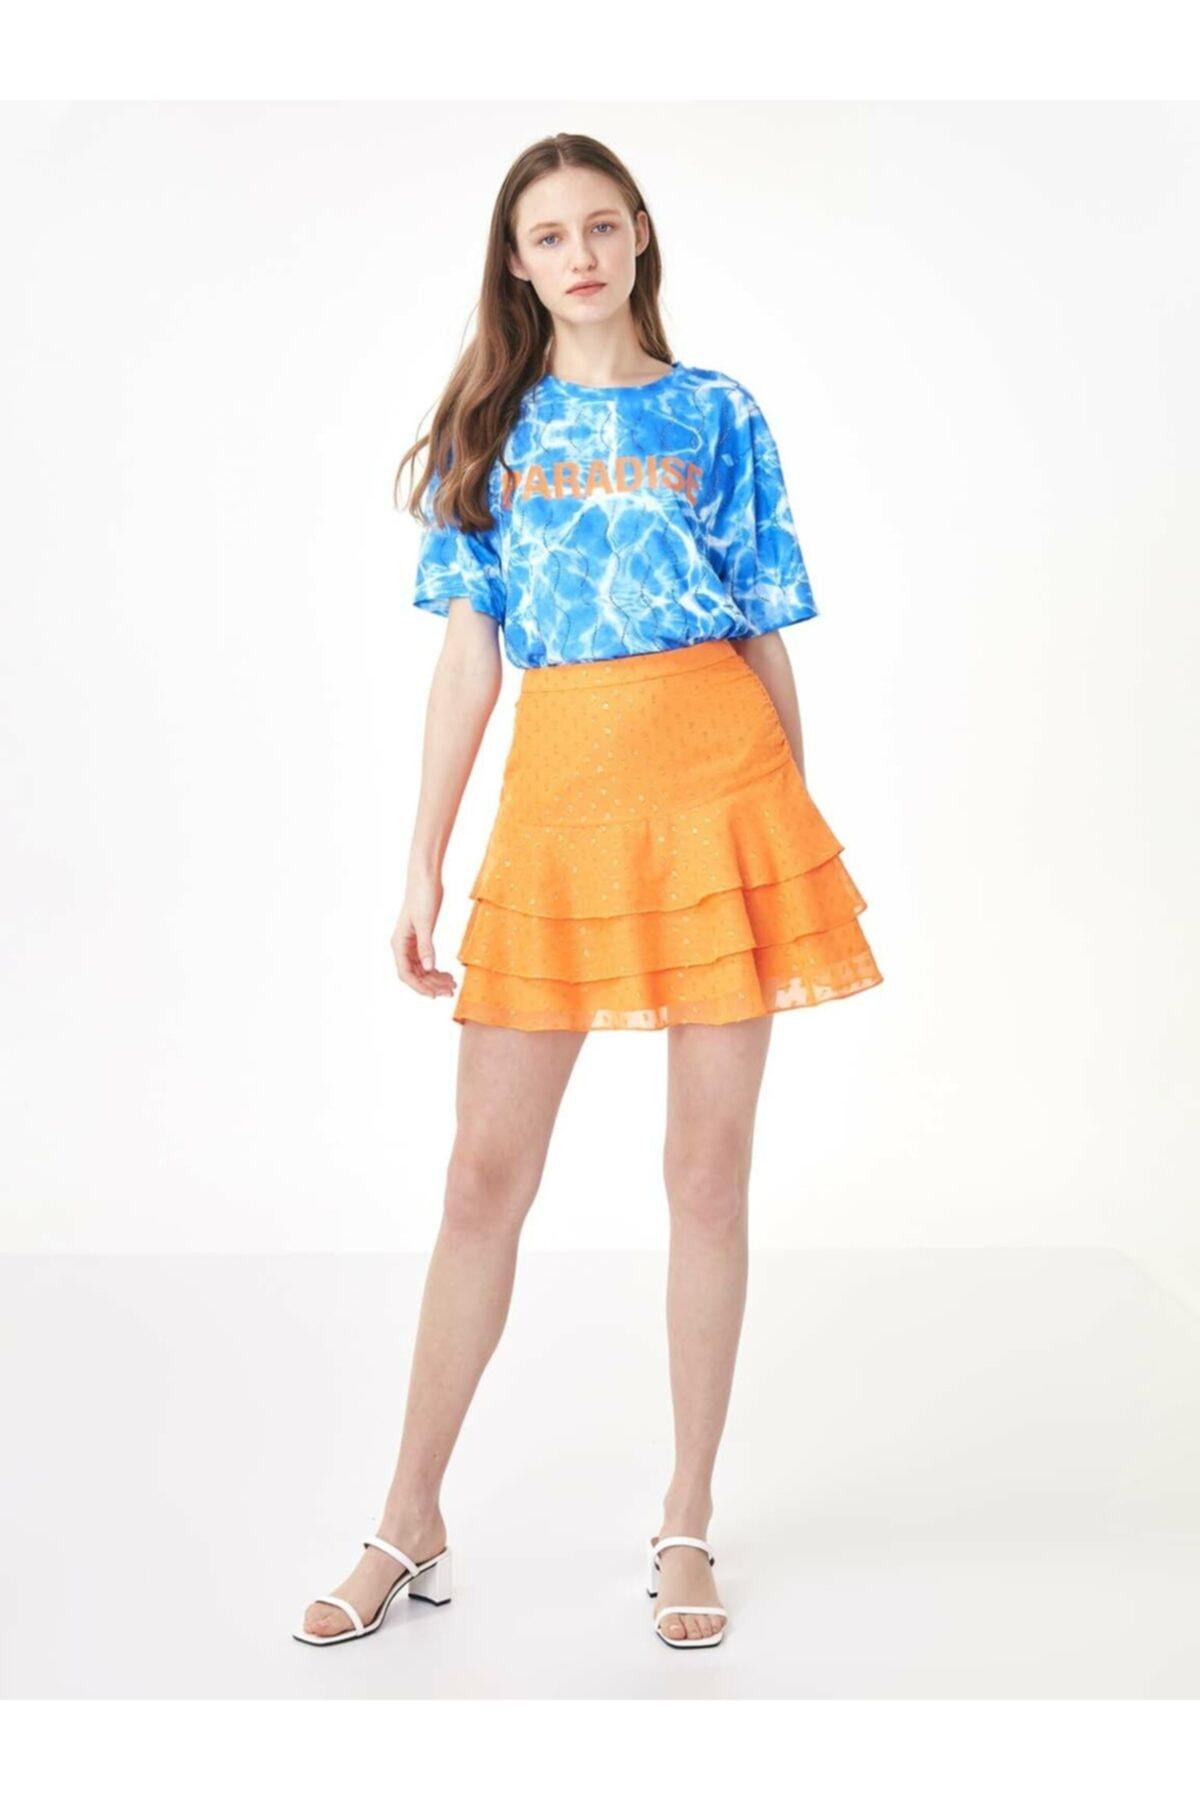 Twist Kadın Mavi Taş Şeritli Tshirt TS1200070159089 2